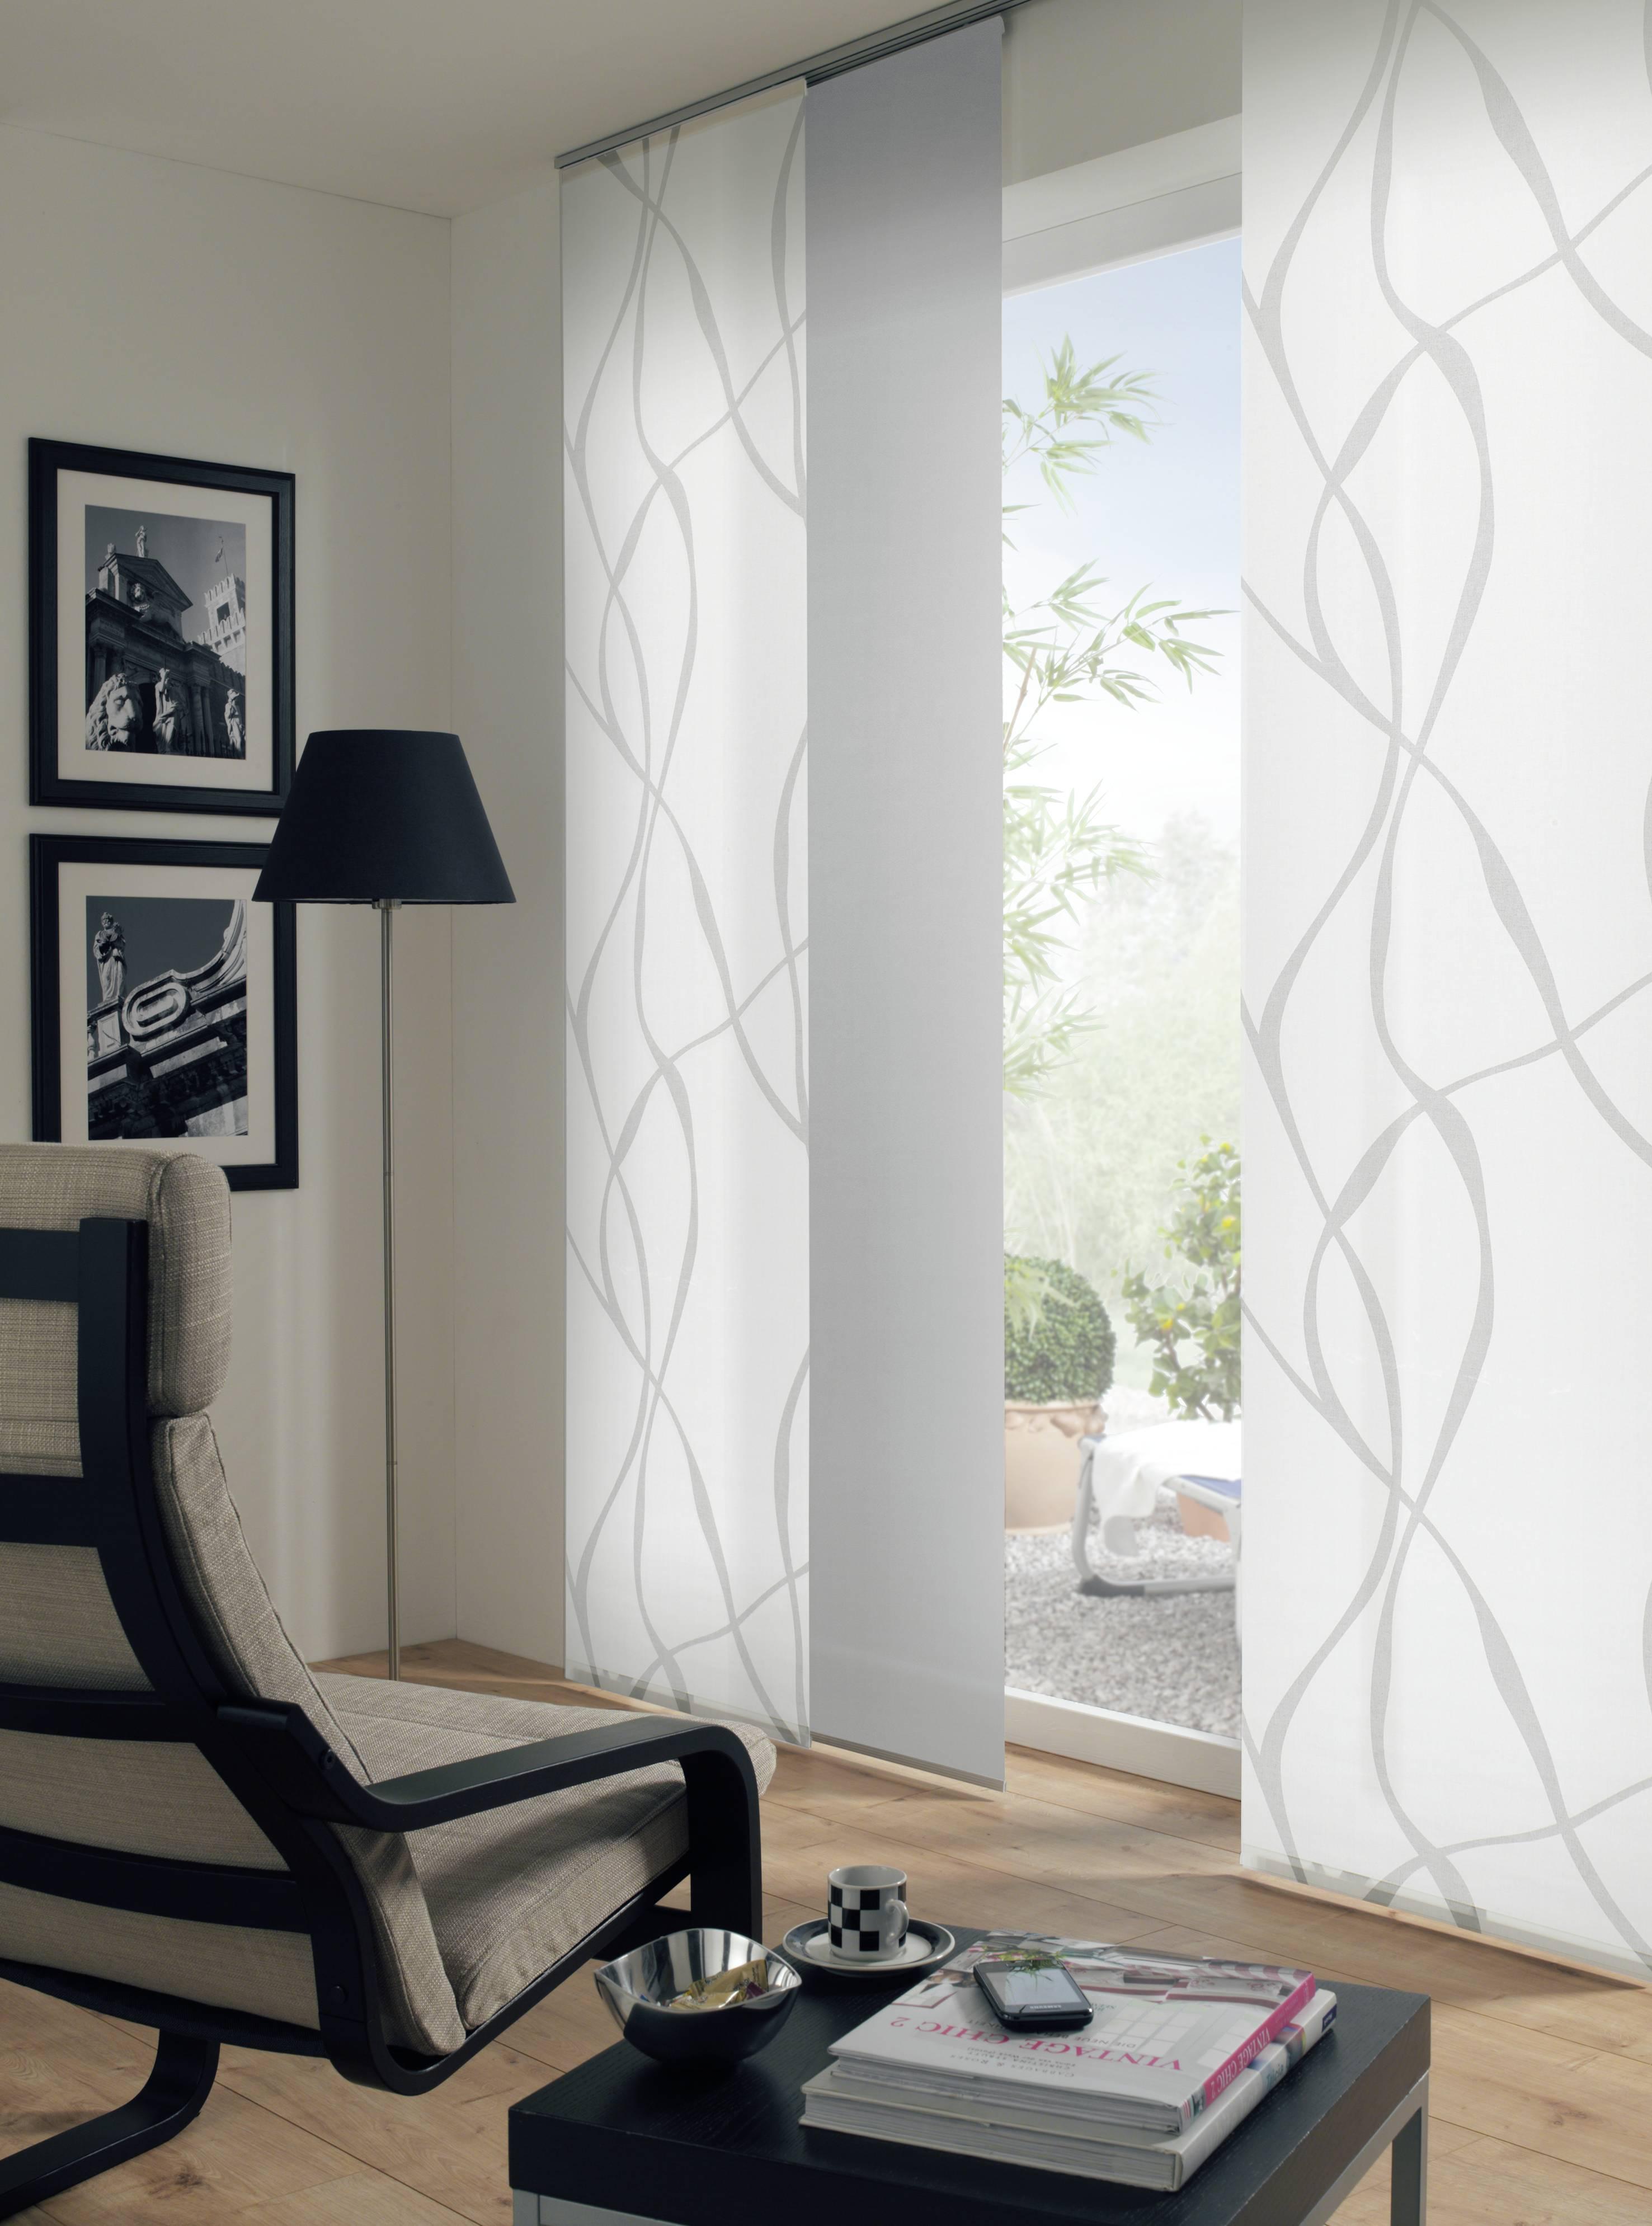 fl chenvorhang stoff curling wei grau 60 x 245 cm 1119060245. Black Bedroom Furniture Sets. Home Design Ideas